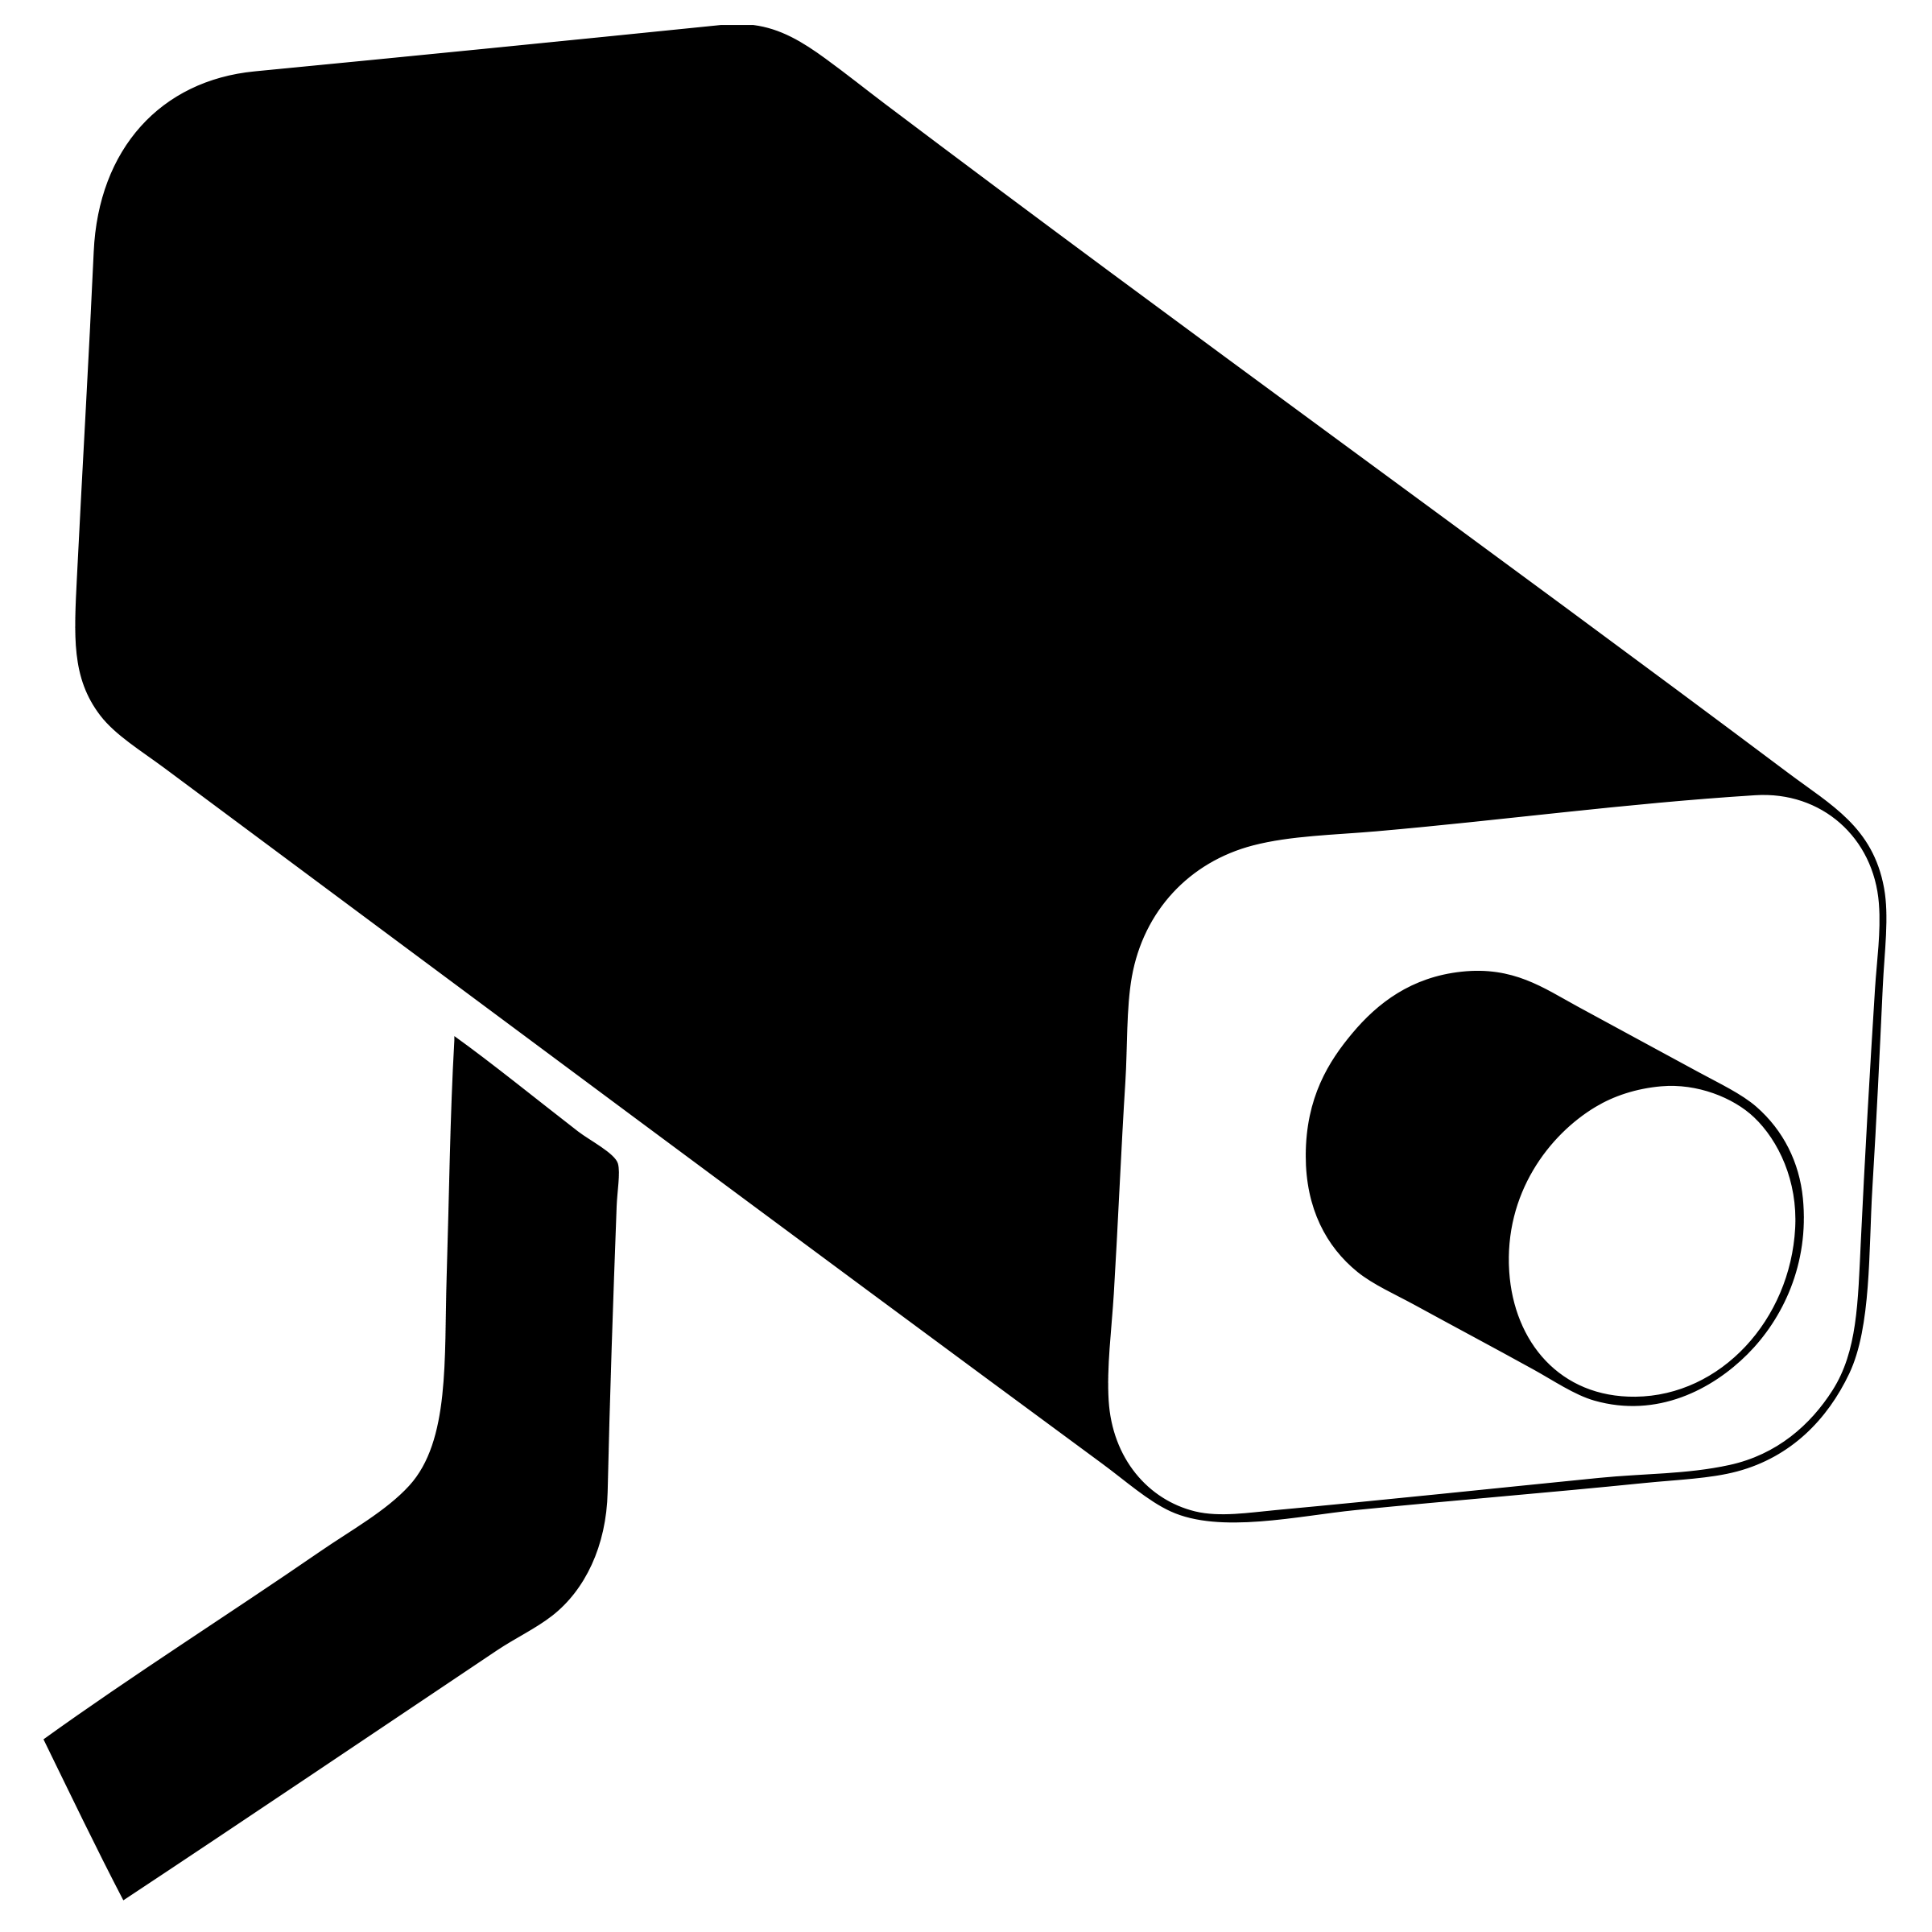 2400x2400 Surveillance Clipart Plot